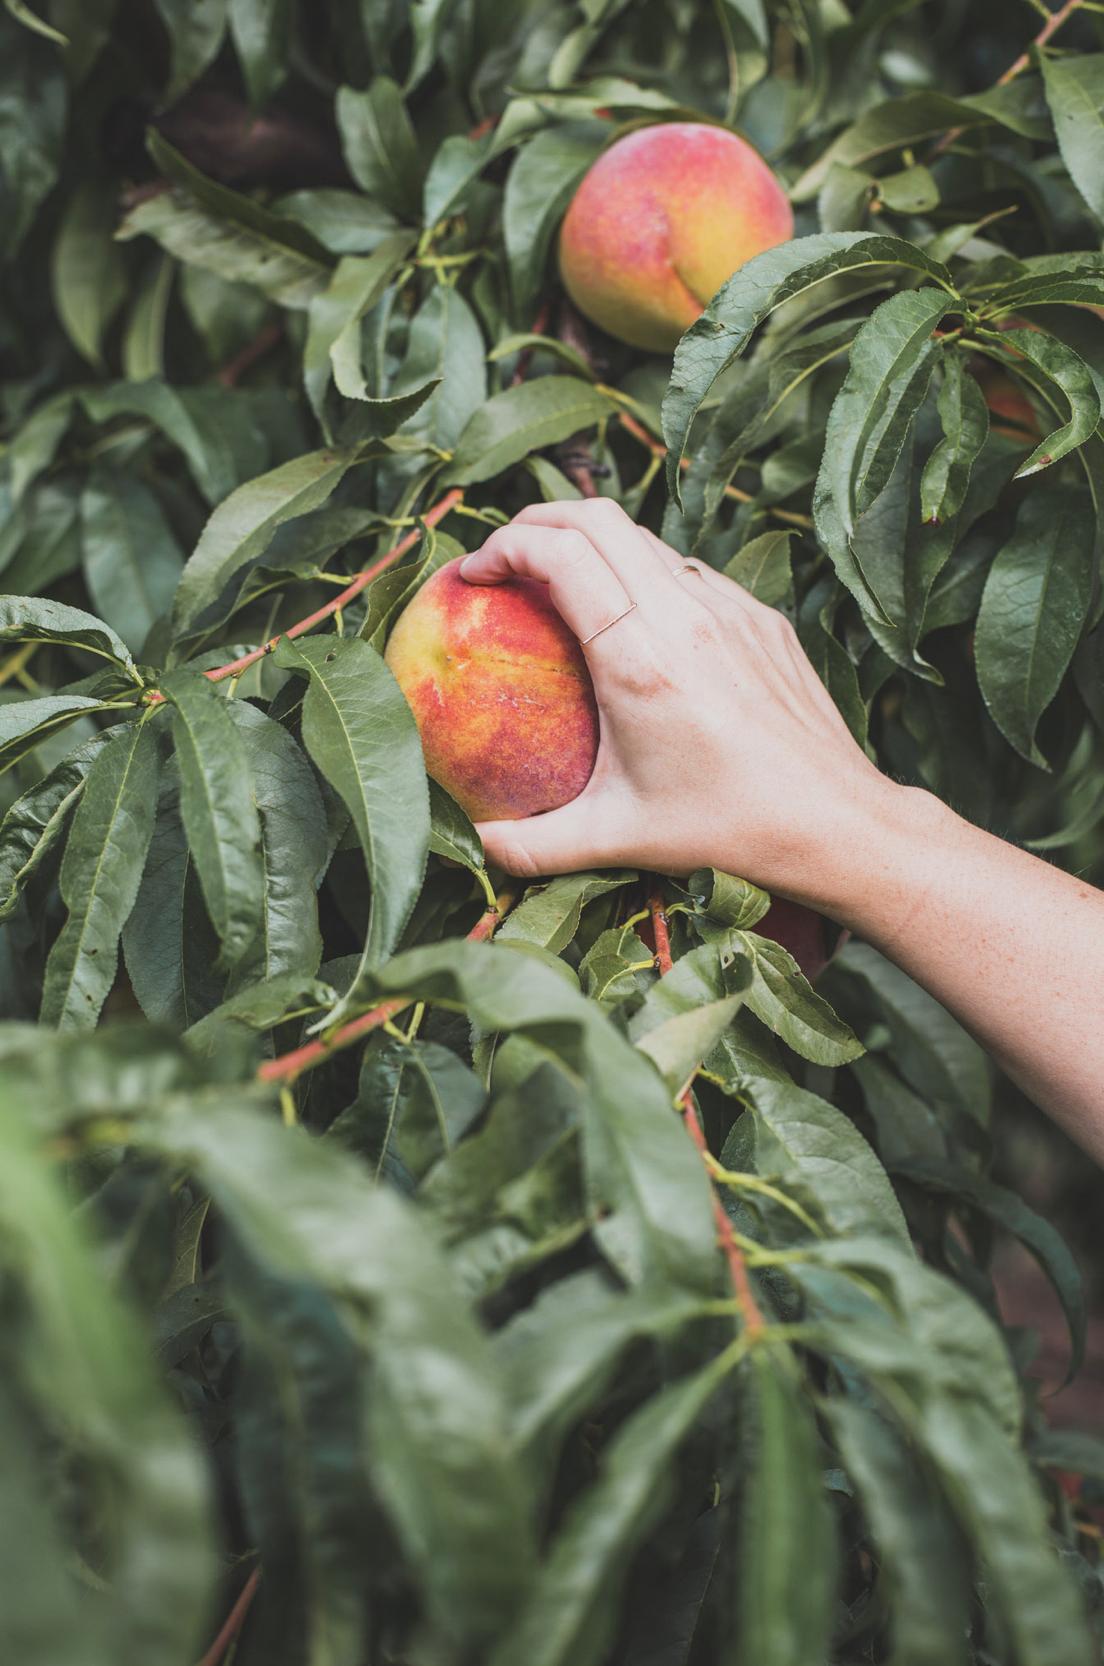 Woman's hand grabbing a fresh peach from orchard soon a farm.